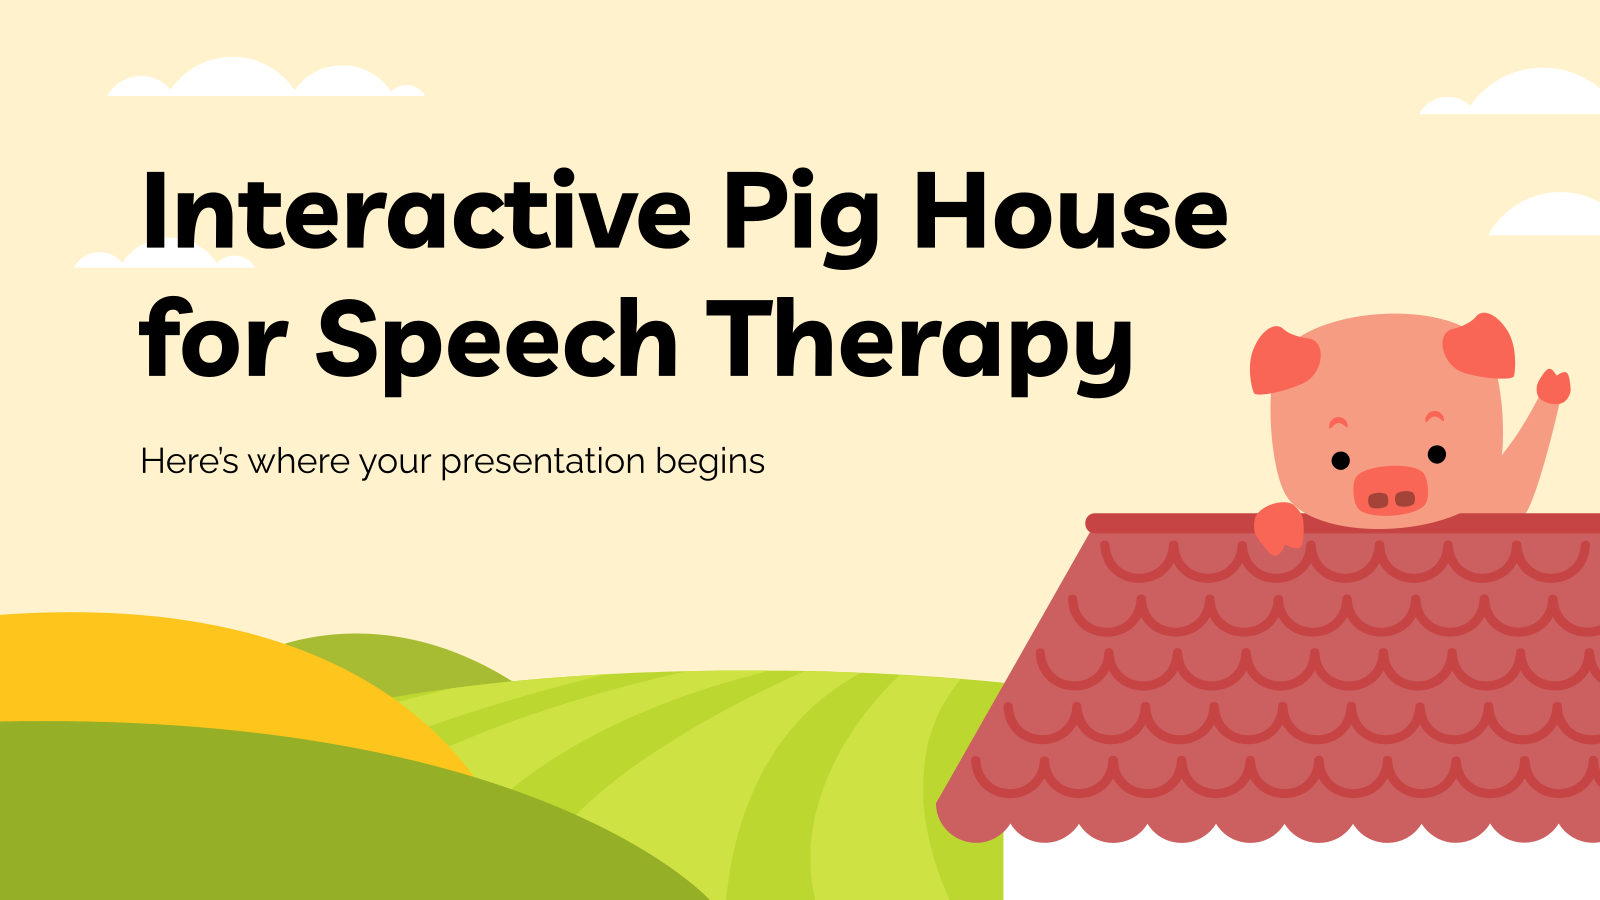 Maisons de cochons interactives pour la logopédie : Modèles de présentation